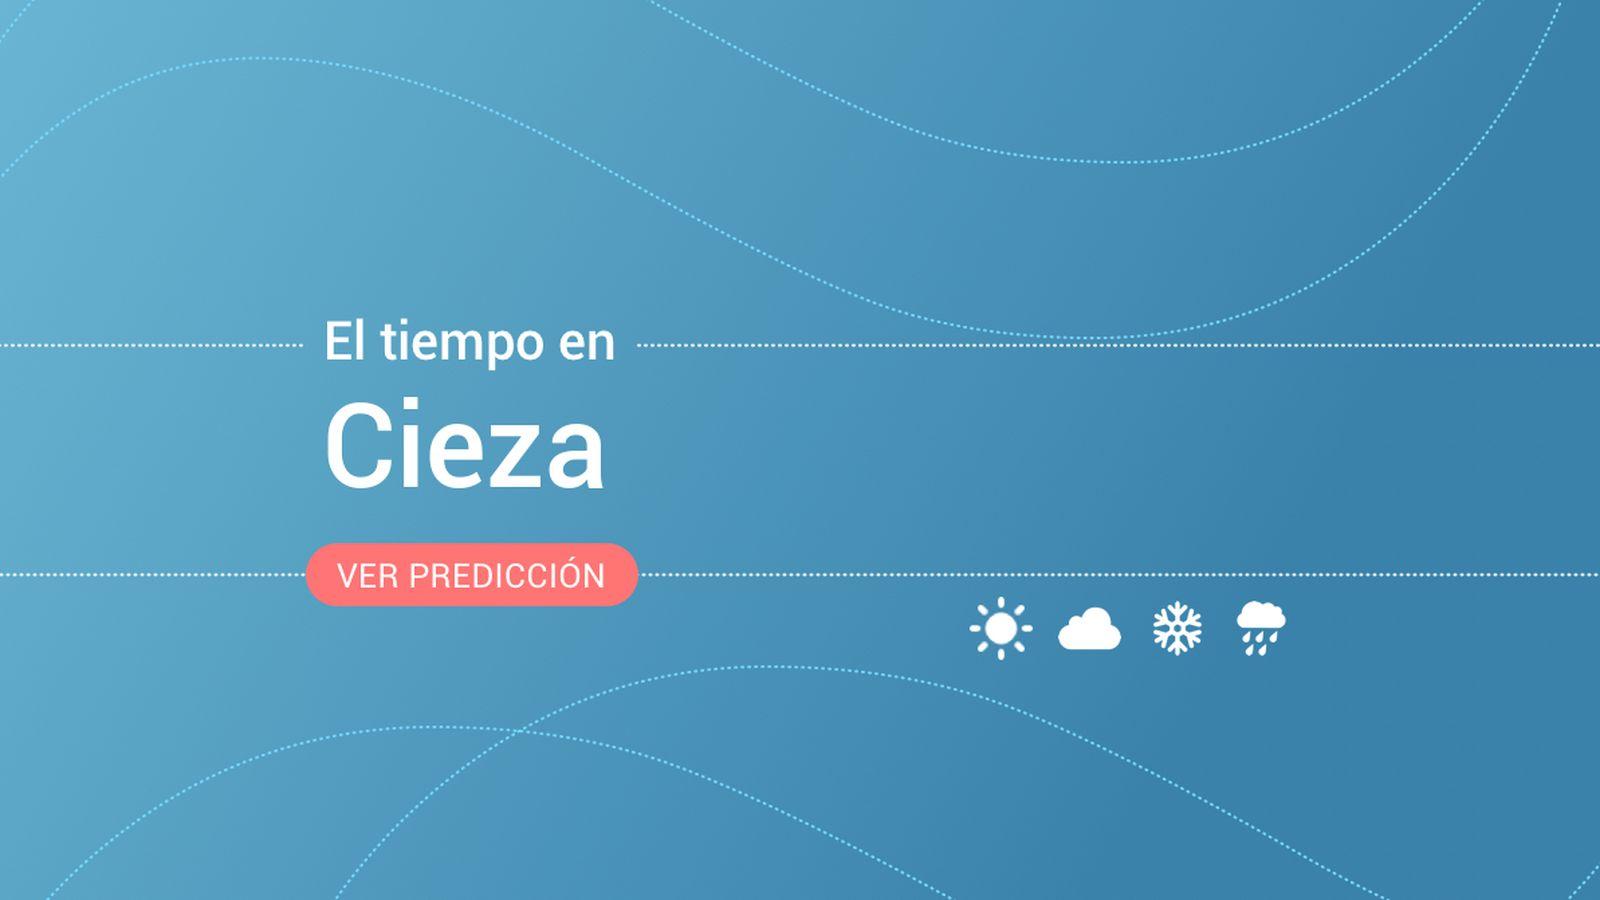 Foto: El tiempo en Cieza. (EC)